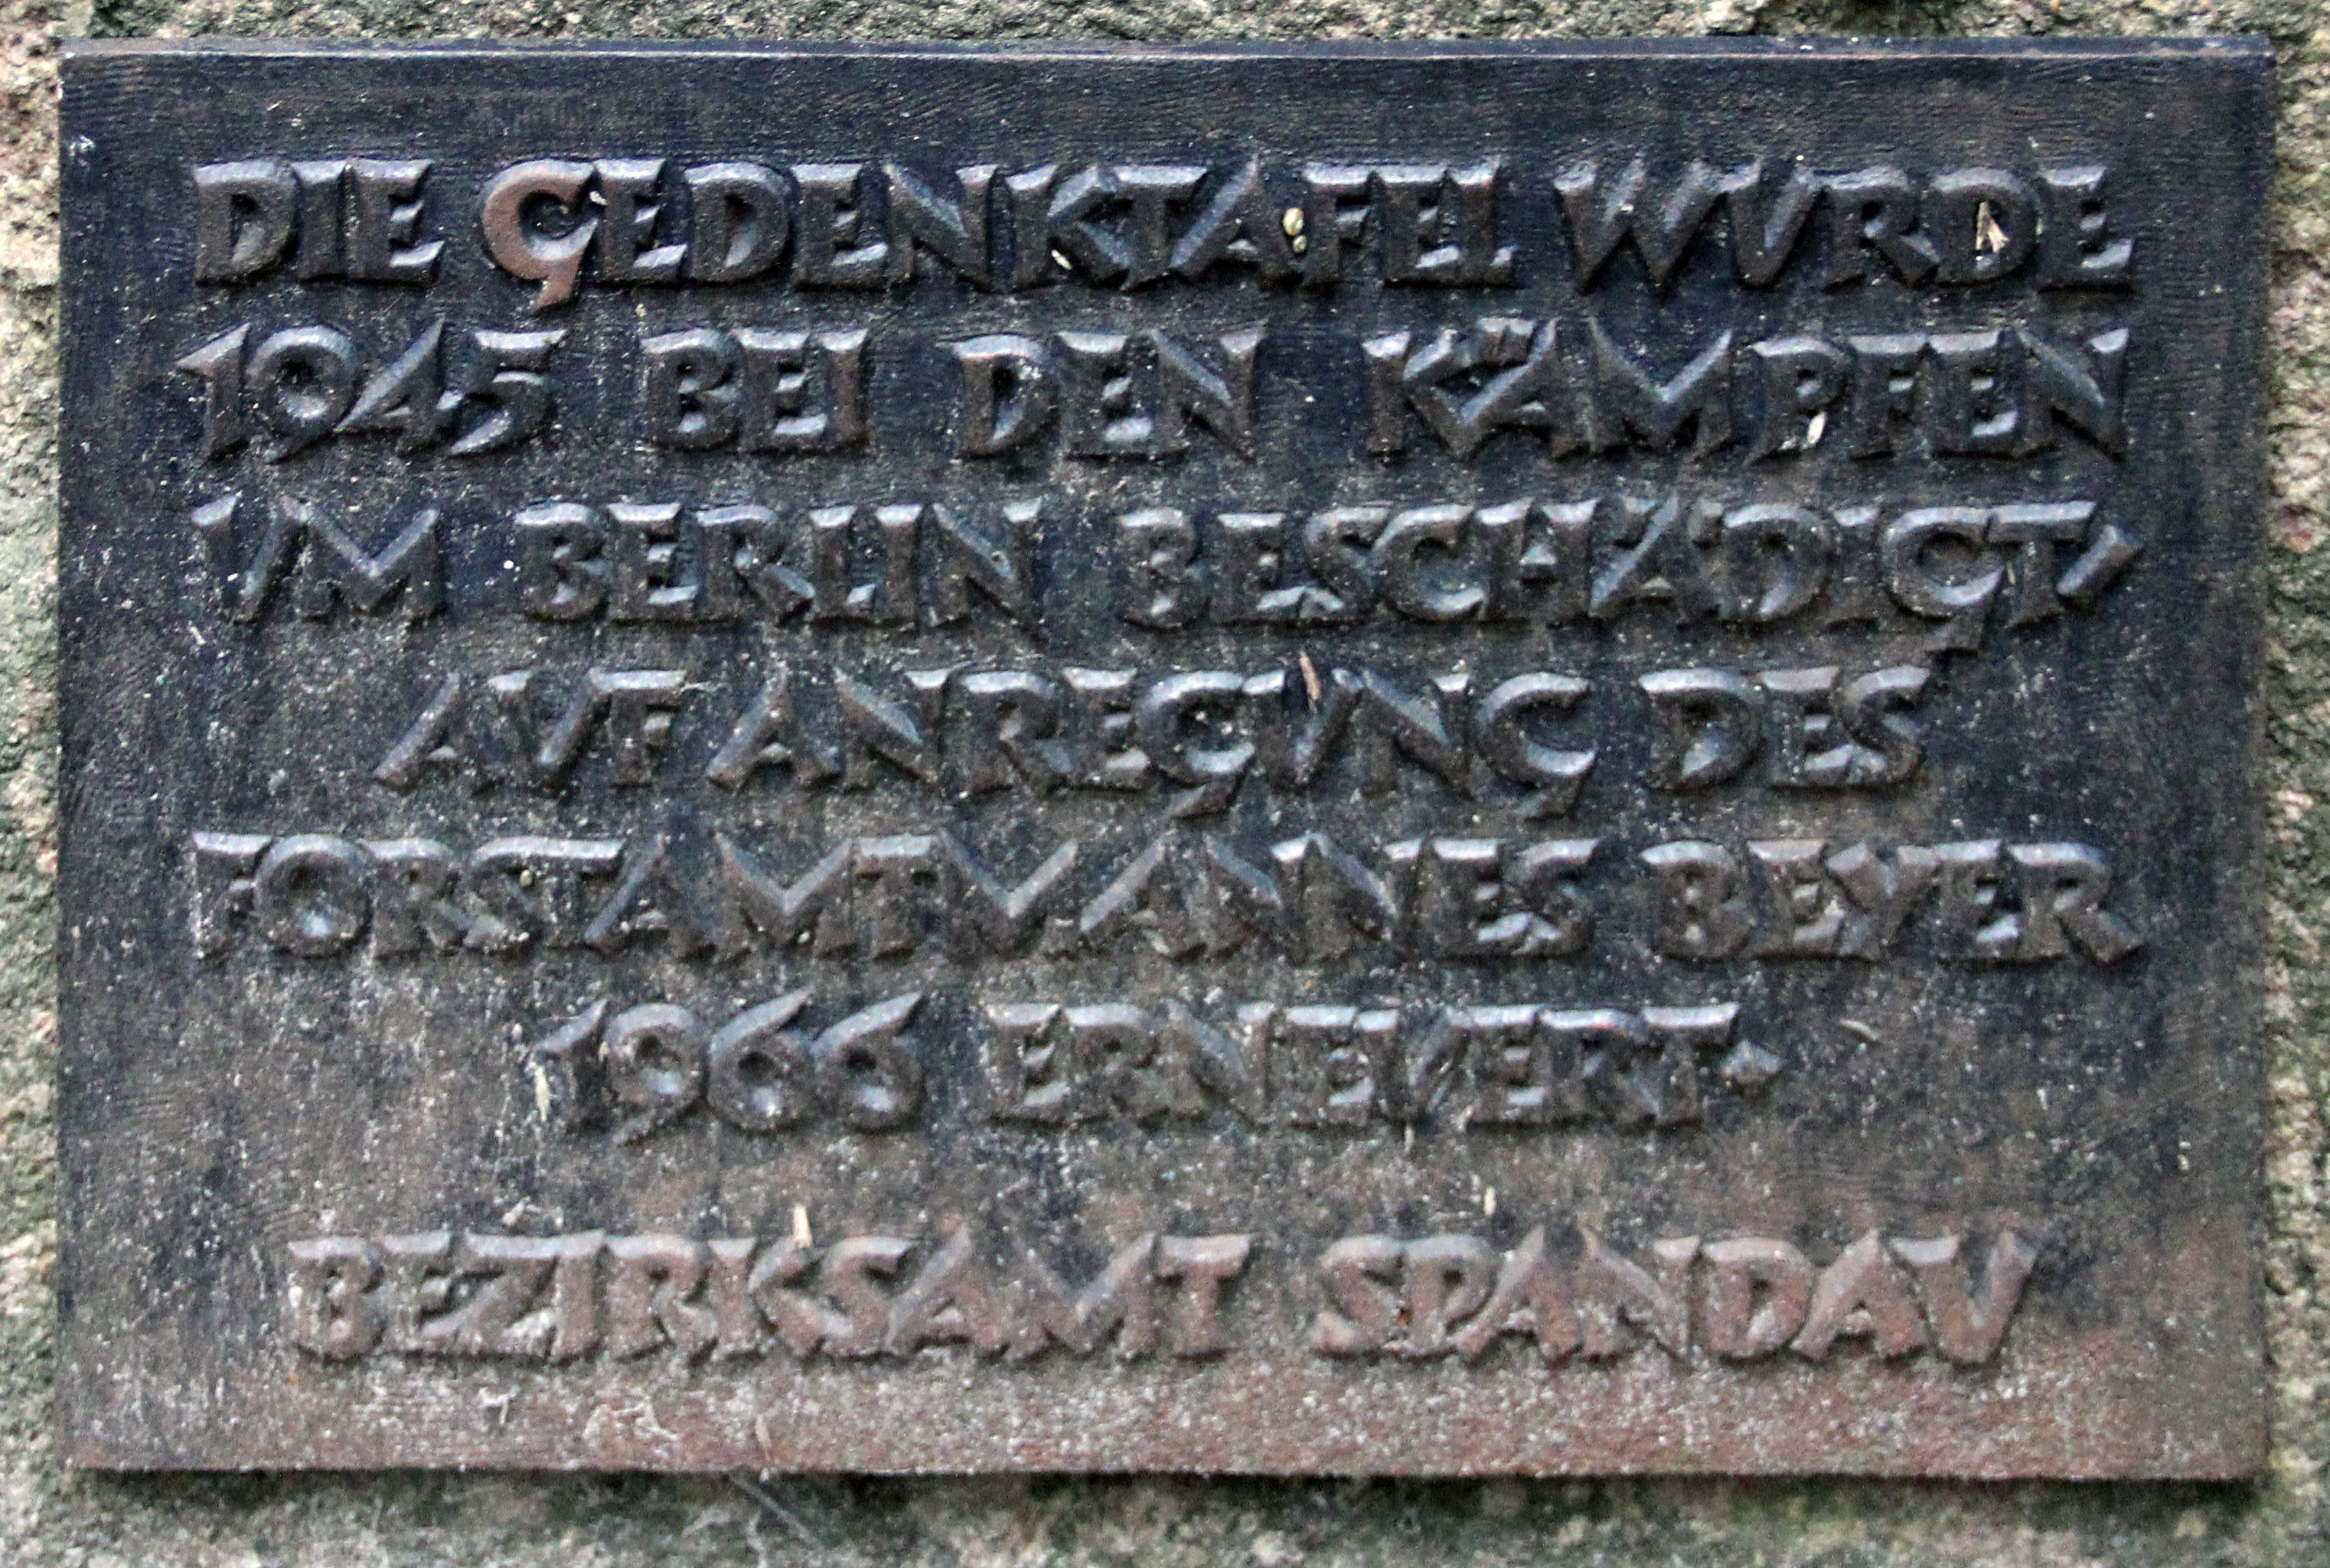 Filegedenktafel Forst Spandau Jagen 69 Haken Kronprinzenbuche4